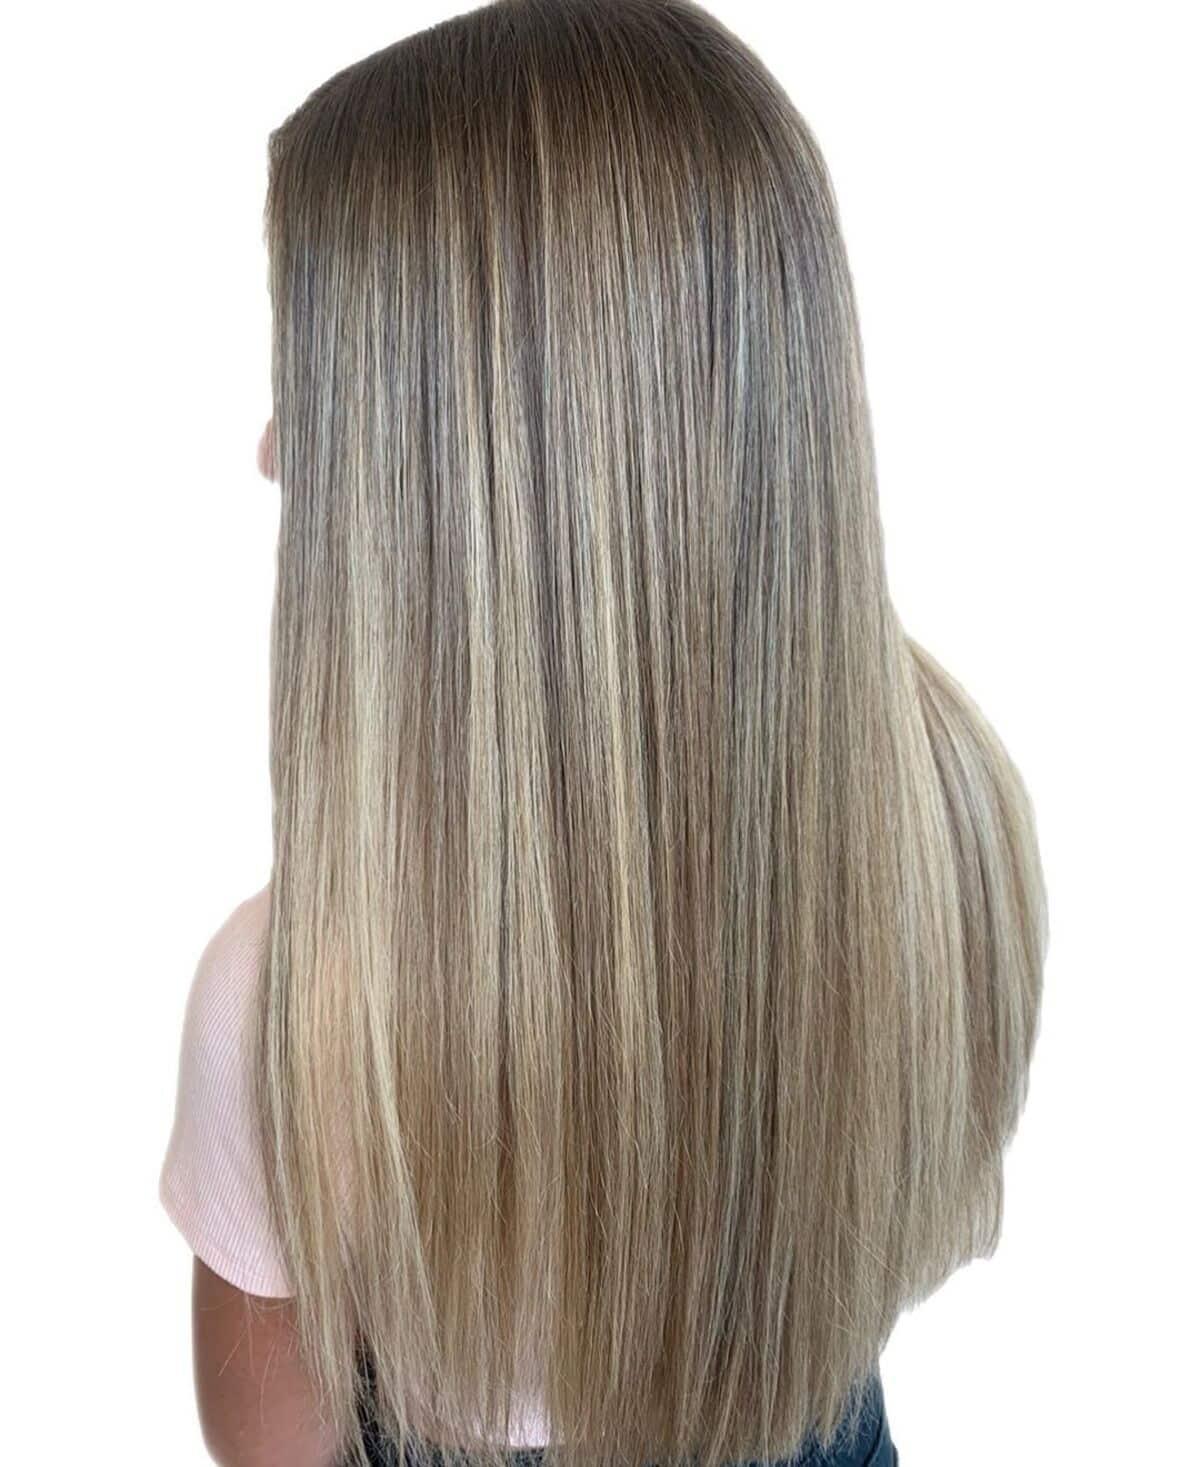 brun cendré clair avec des mèches blond doré clair